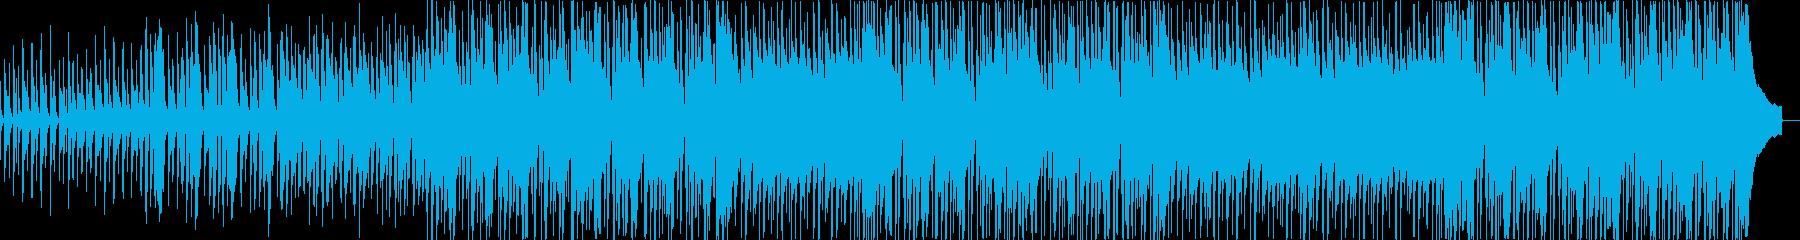 口笛、マリンバ、ほのぼの系日常BGMの再生済みの波形